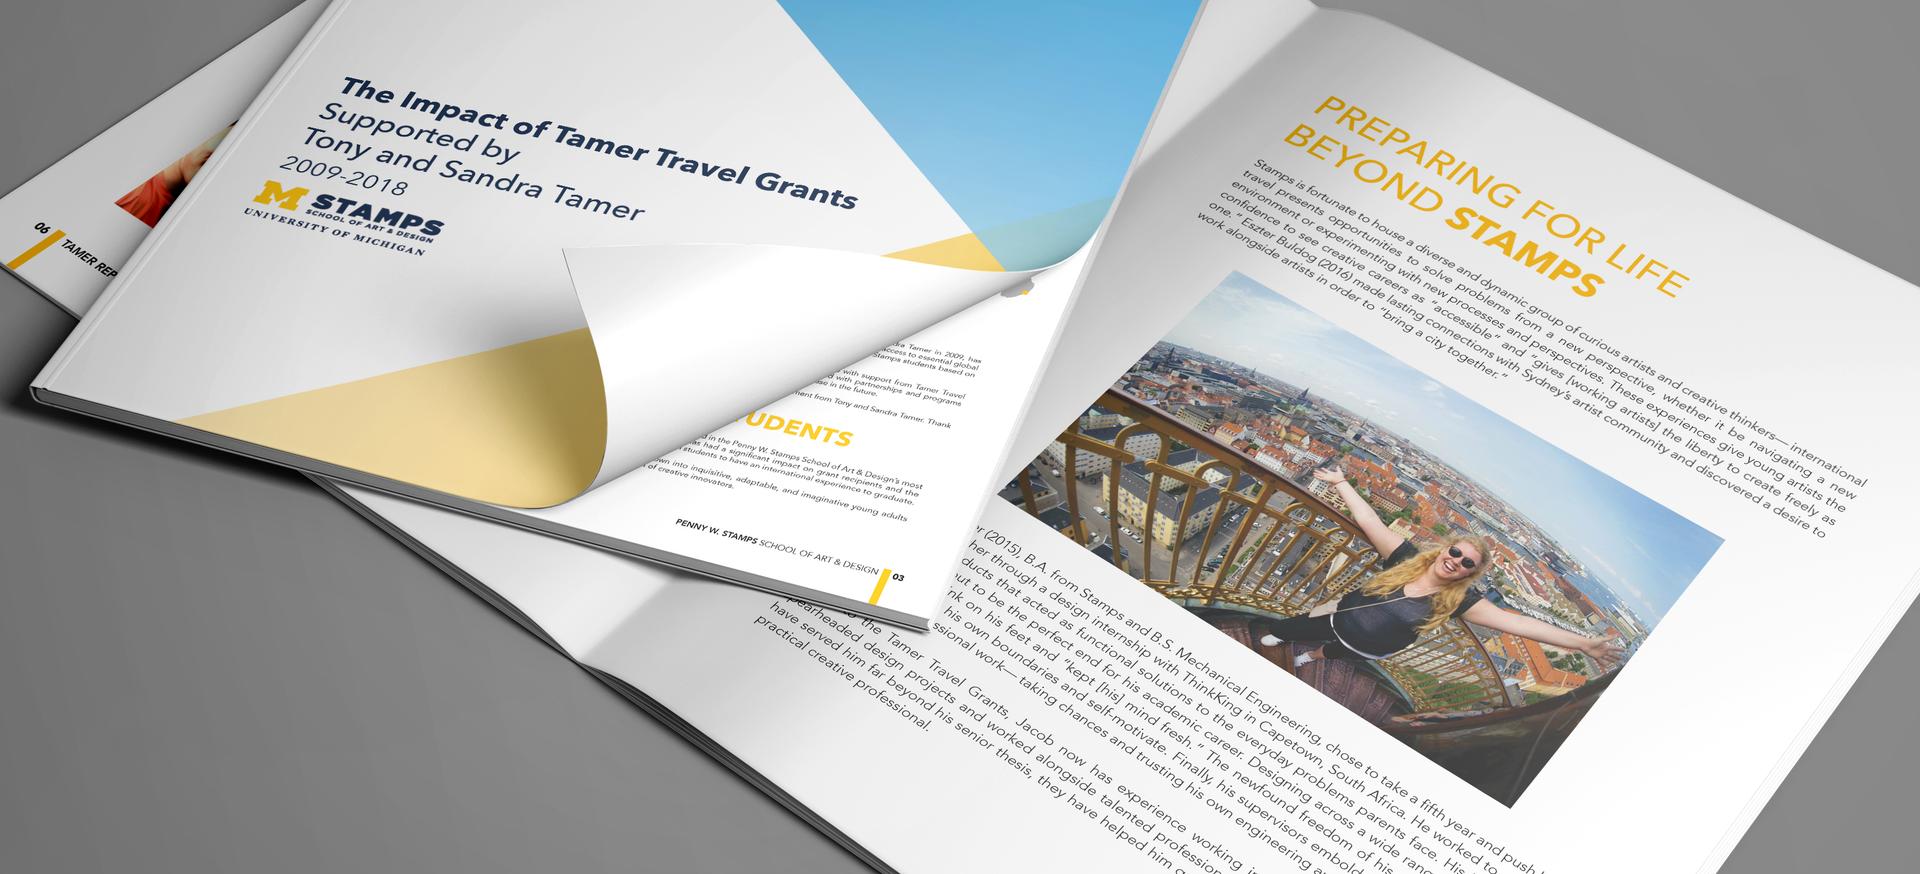 Tamer Travel Grants Report